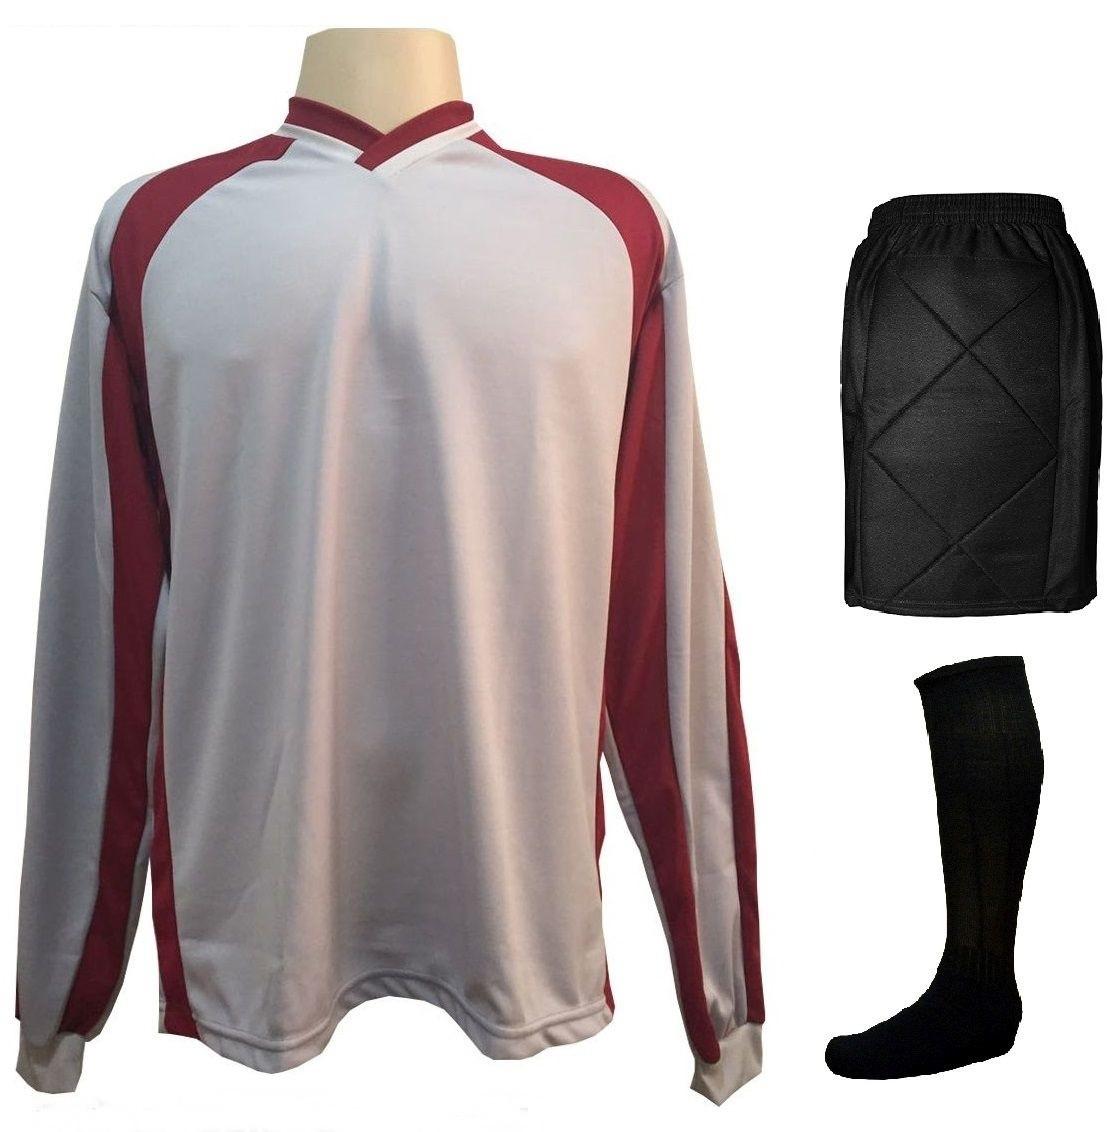 Uniforme Esportivo Completo modelo PSG 14+1 (14 camisas Verde/Preto/Amarelo + 14 calções Madrid Preto + 14 pares de meiões Pretos + 1 conjunto de goleiro) + Brindes